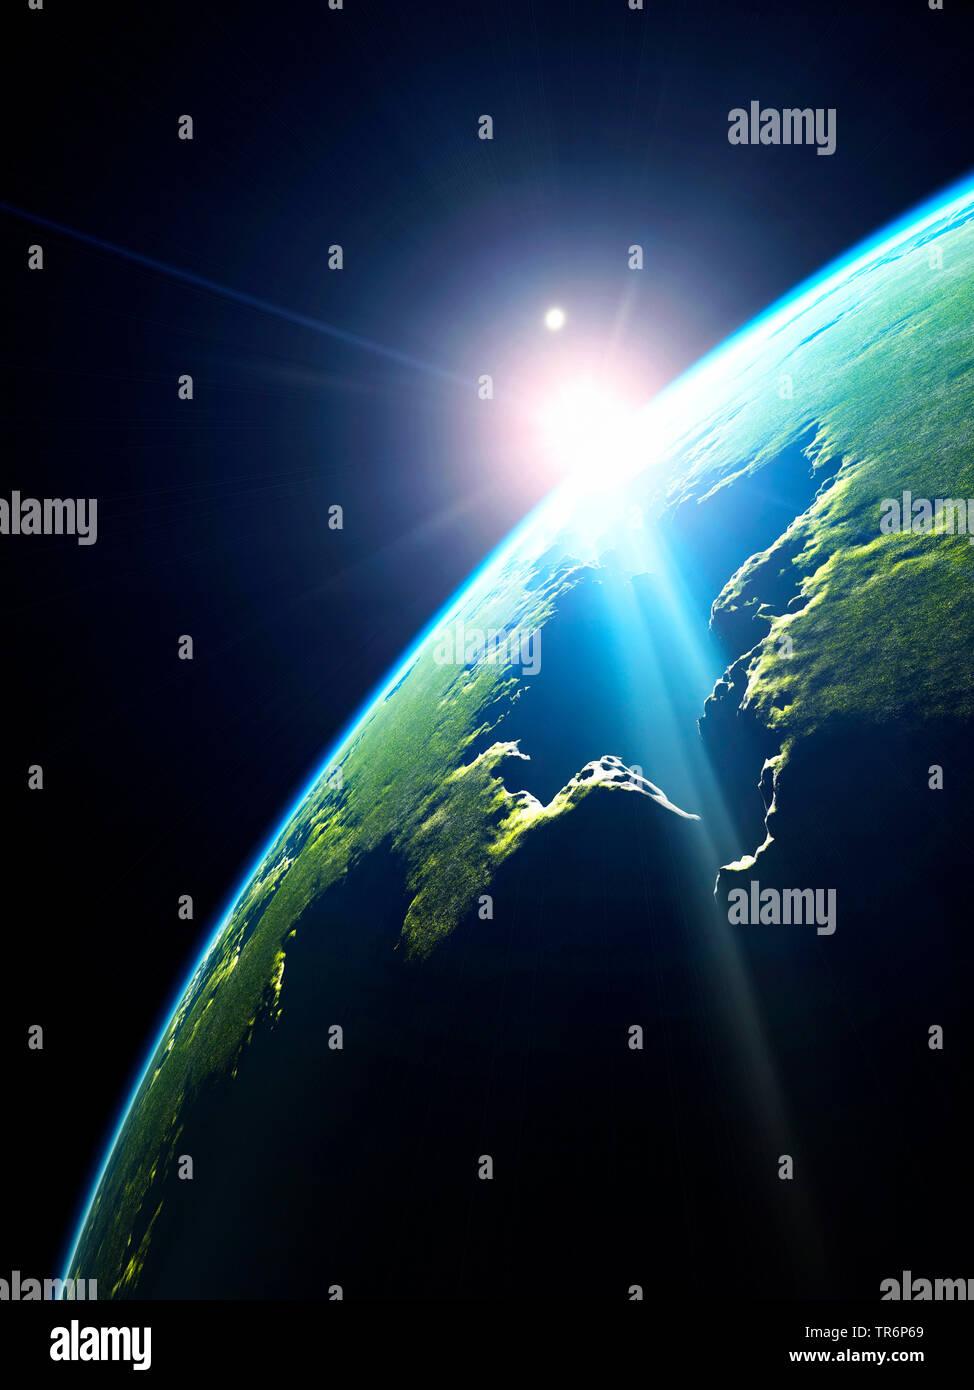 Ein gruener pianeta im Weltall Bei Sonnenaufgang, Computergraphik, virtuelle Welten | gree pianeta con la vita su di esso nello spazio profondo, mondi virtuali comput Immagini Stock